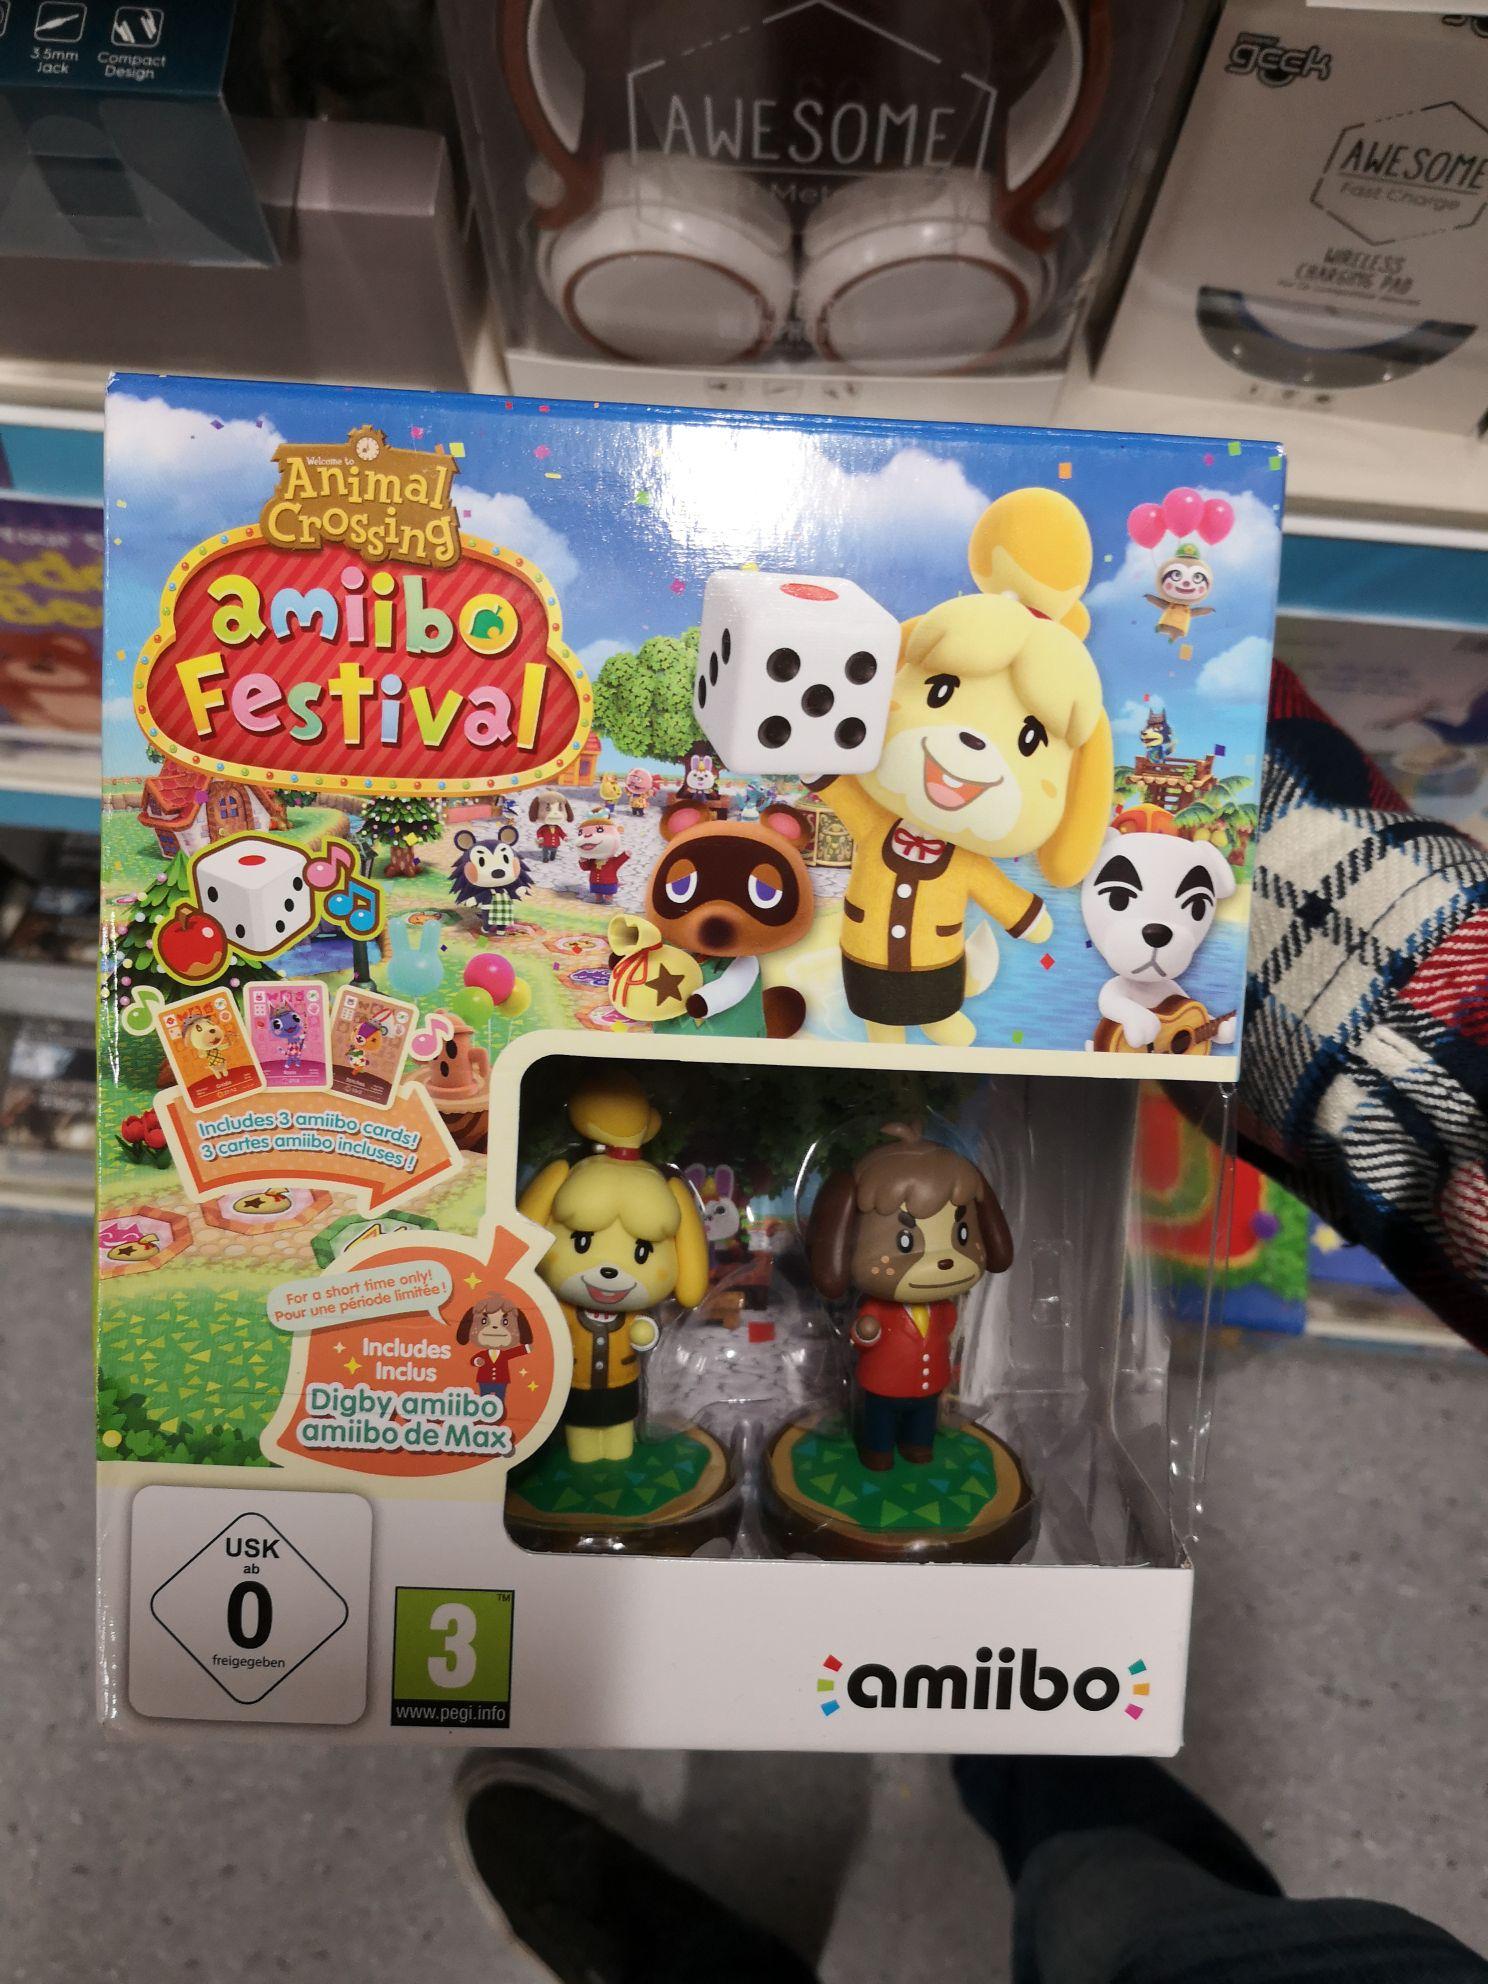 Animal crossing amiibo festival starter pack - £5 instore @ Poundland